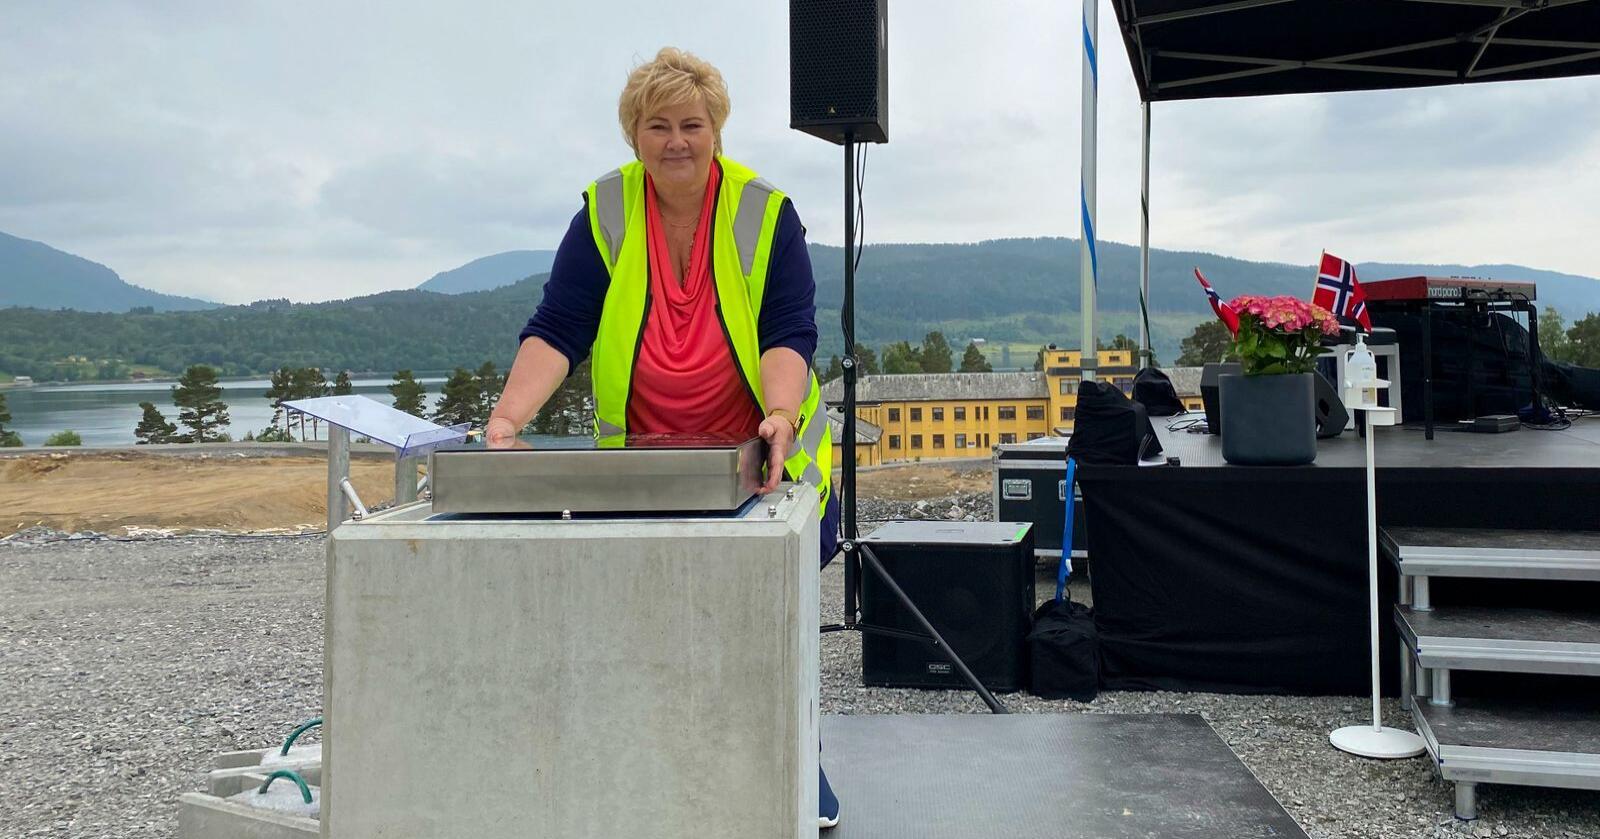 Statsminister Erna Solberg ned grunnsteinen for felles sykehuset for Nordmøre og Romsdal på Hjelset i MoldeFoto: Marit Heiene / Romsdals Budstikke / NTB